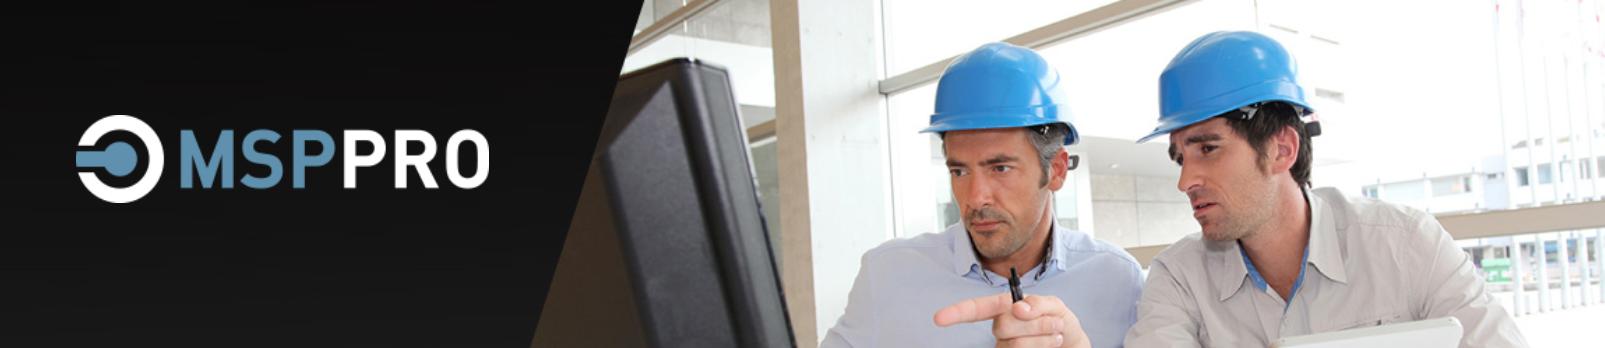 ISO9001, SMQ, Qualité, Quality, Systeme de Management, Maintenance, SST Santé Sécurité au Travail, GMAO, Maintenance